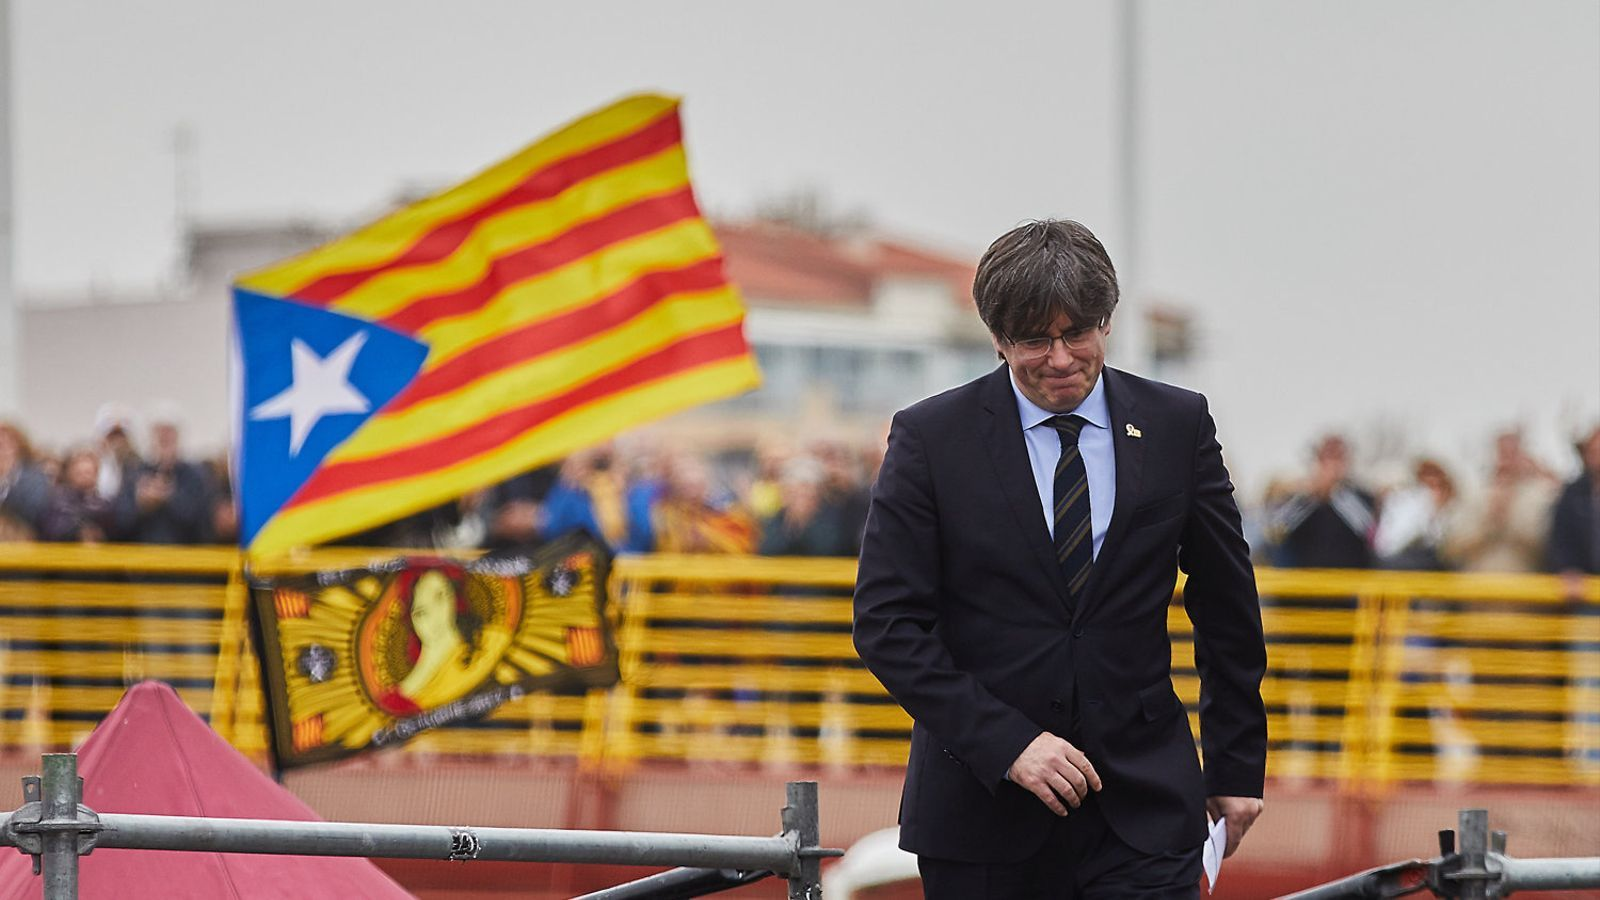 L'expresident Carles Puigdemont en l'acte del mes de febrer a Perpinyà.